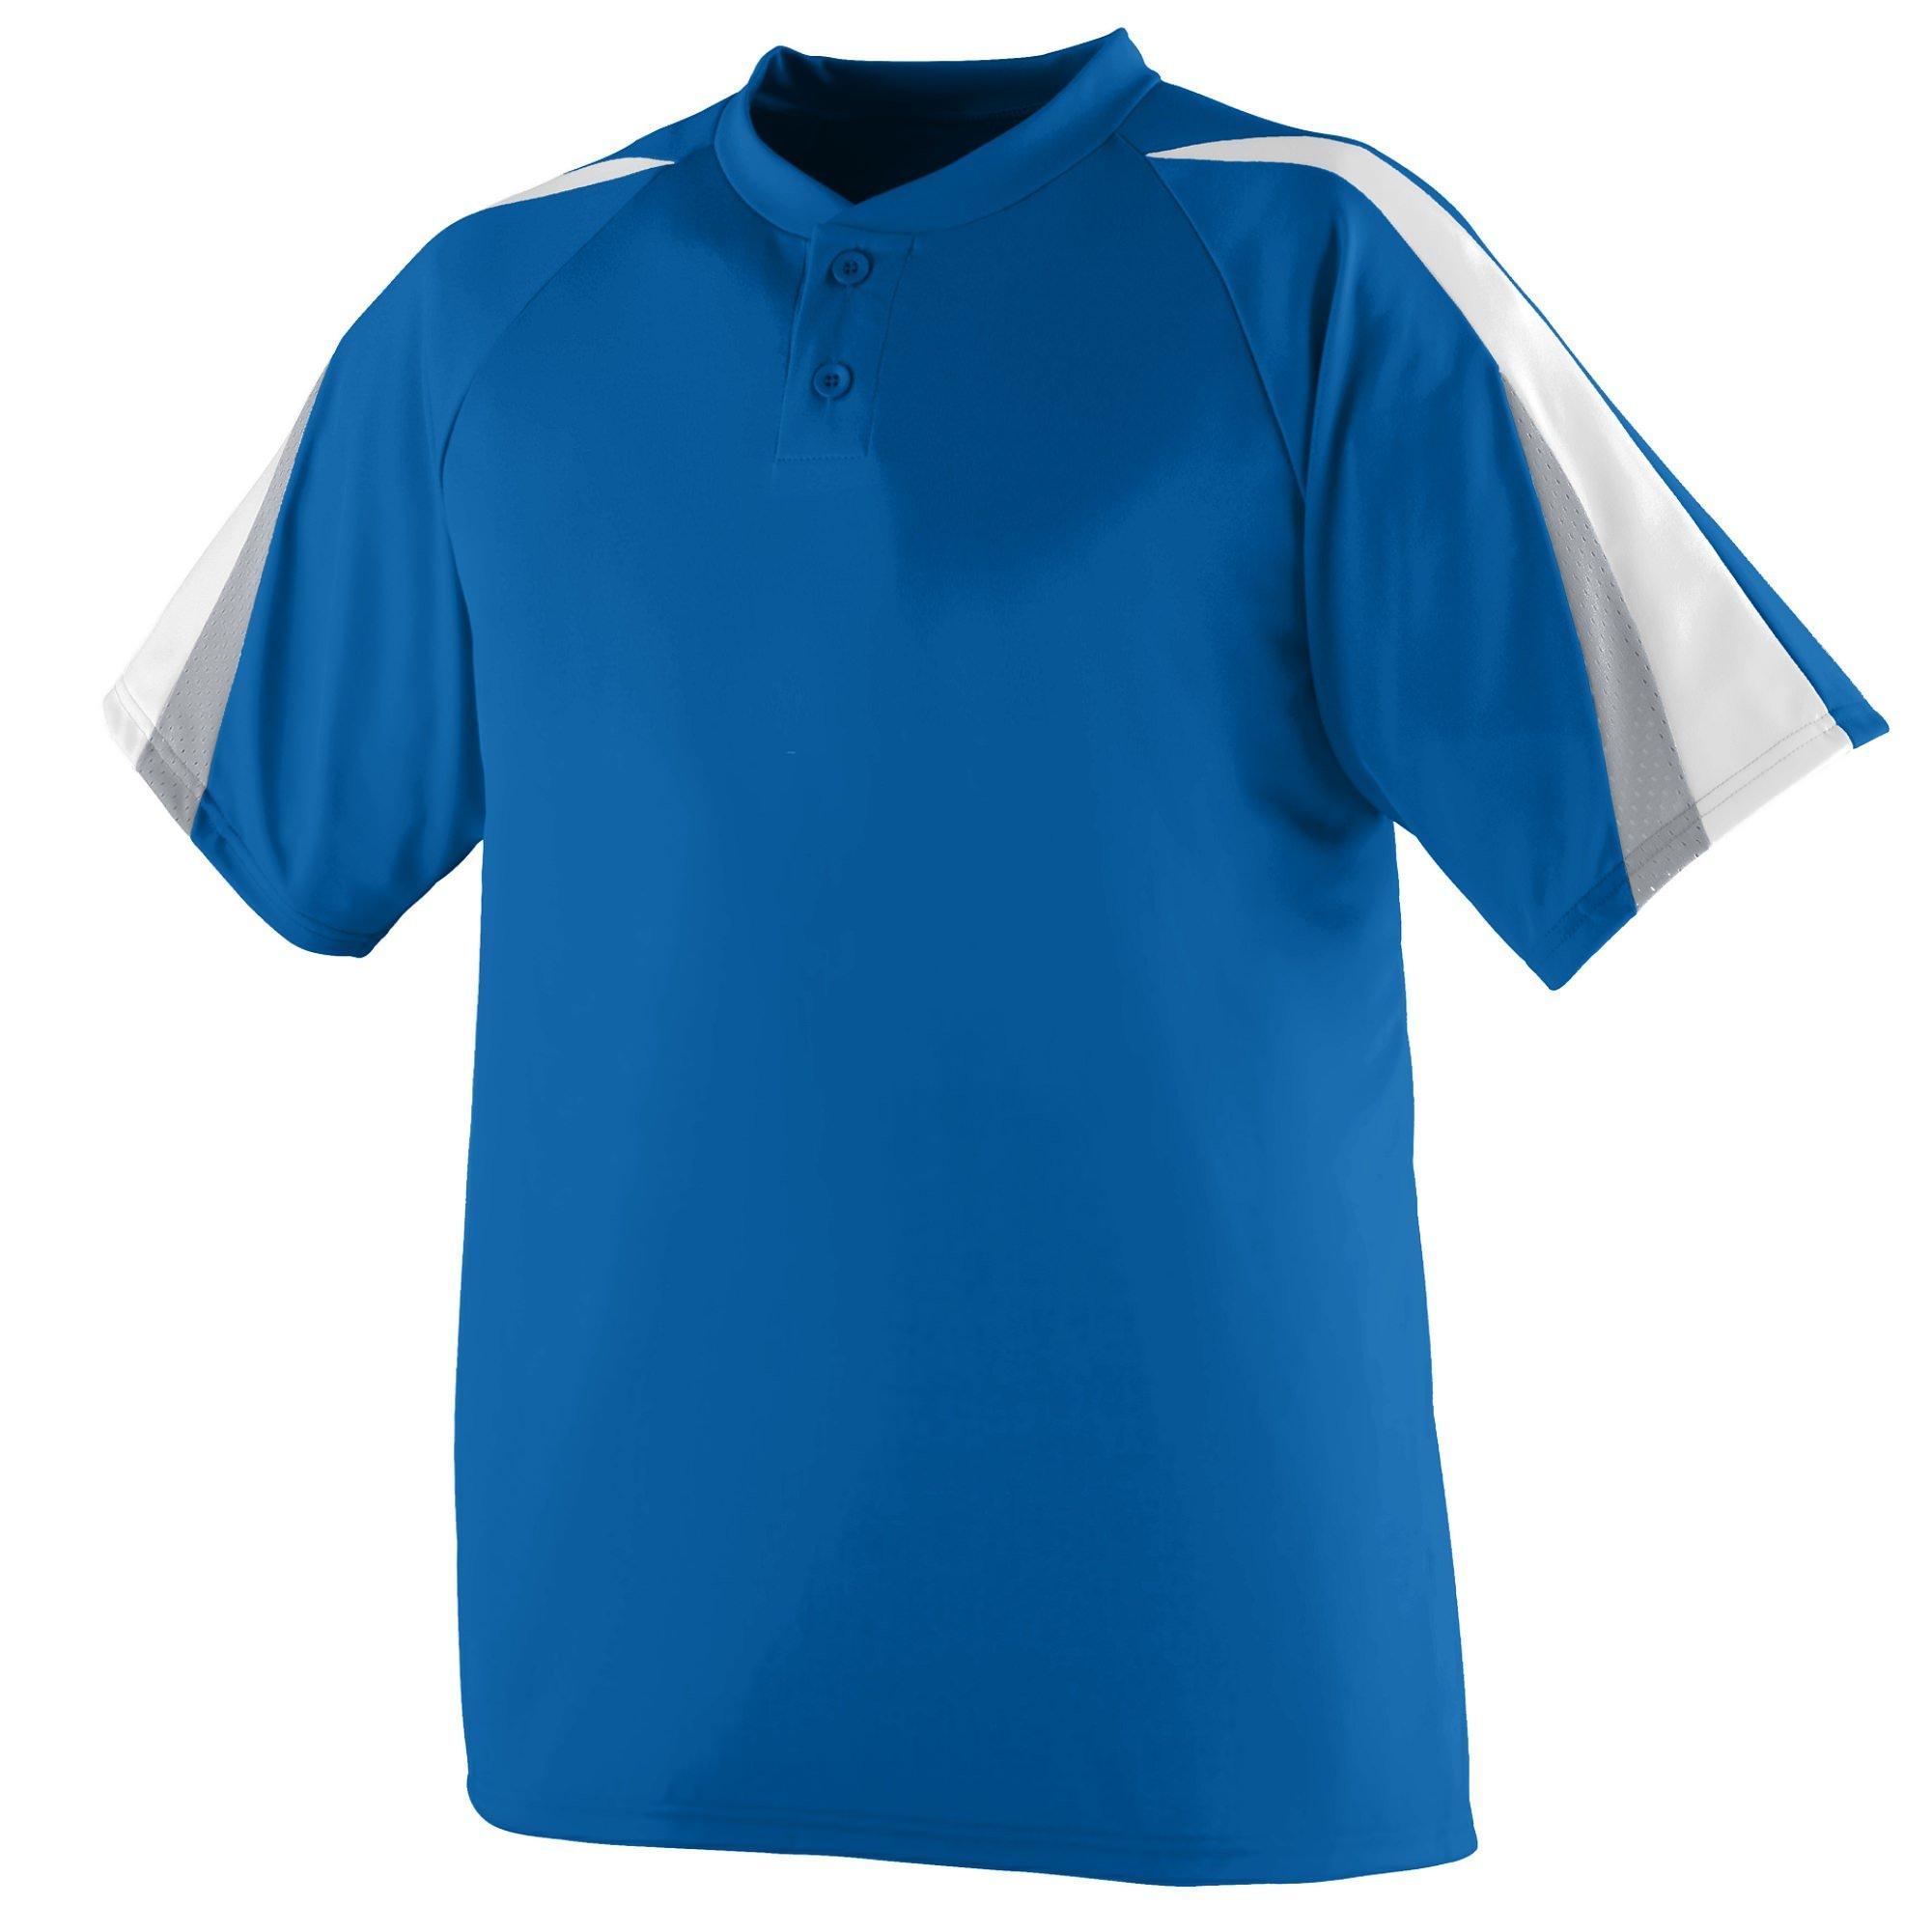 Augusta Sportswear Power Plus Jersey 3XL Royal/White/Silver Grey by Augusta Sportswear